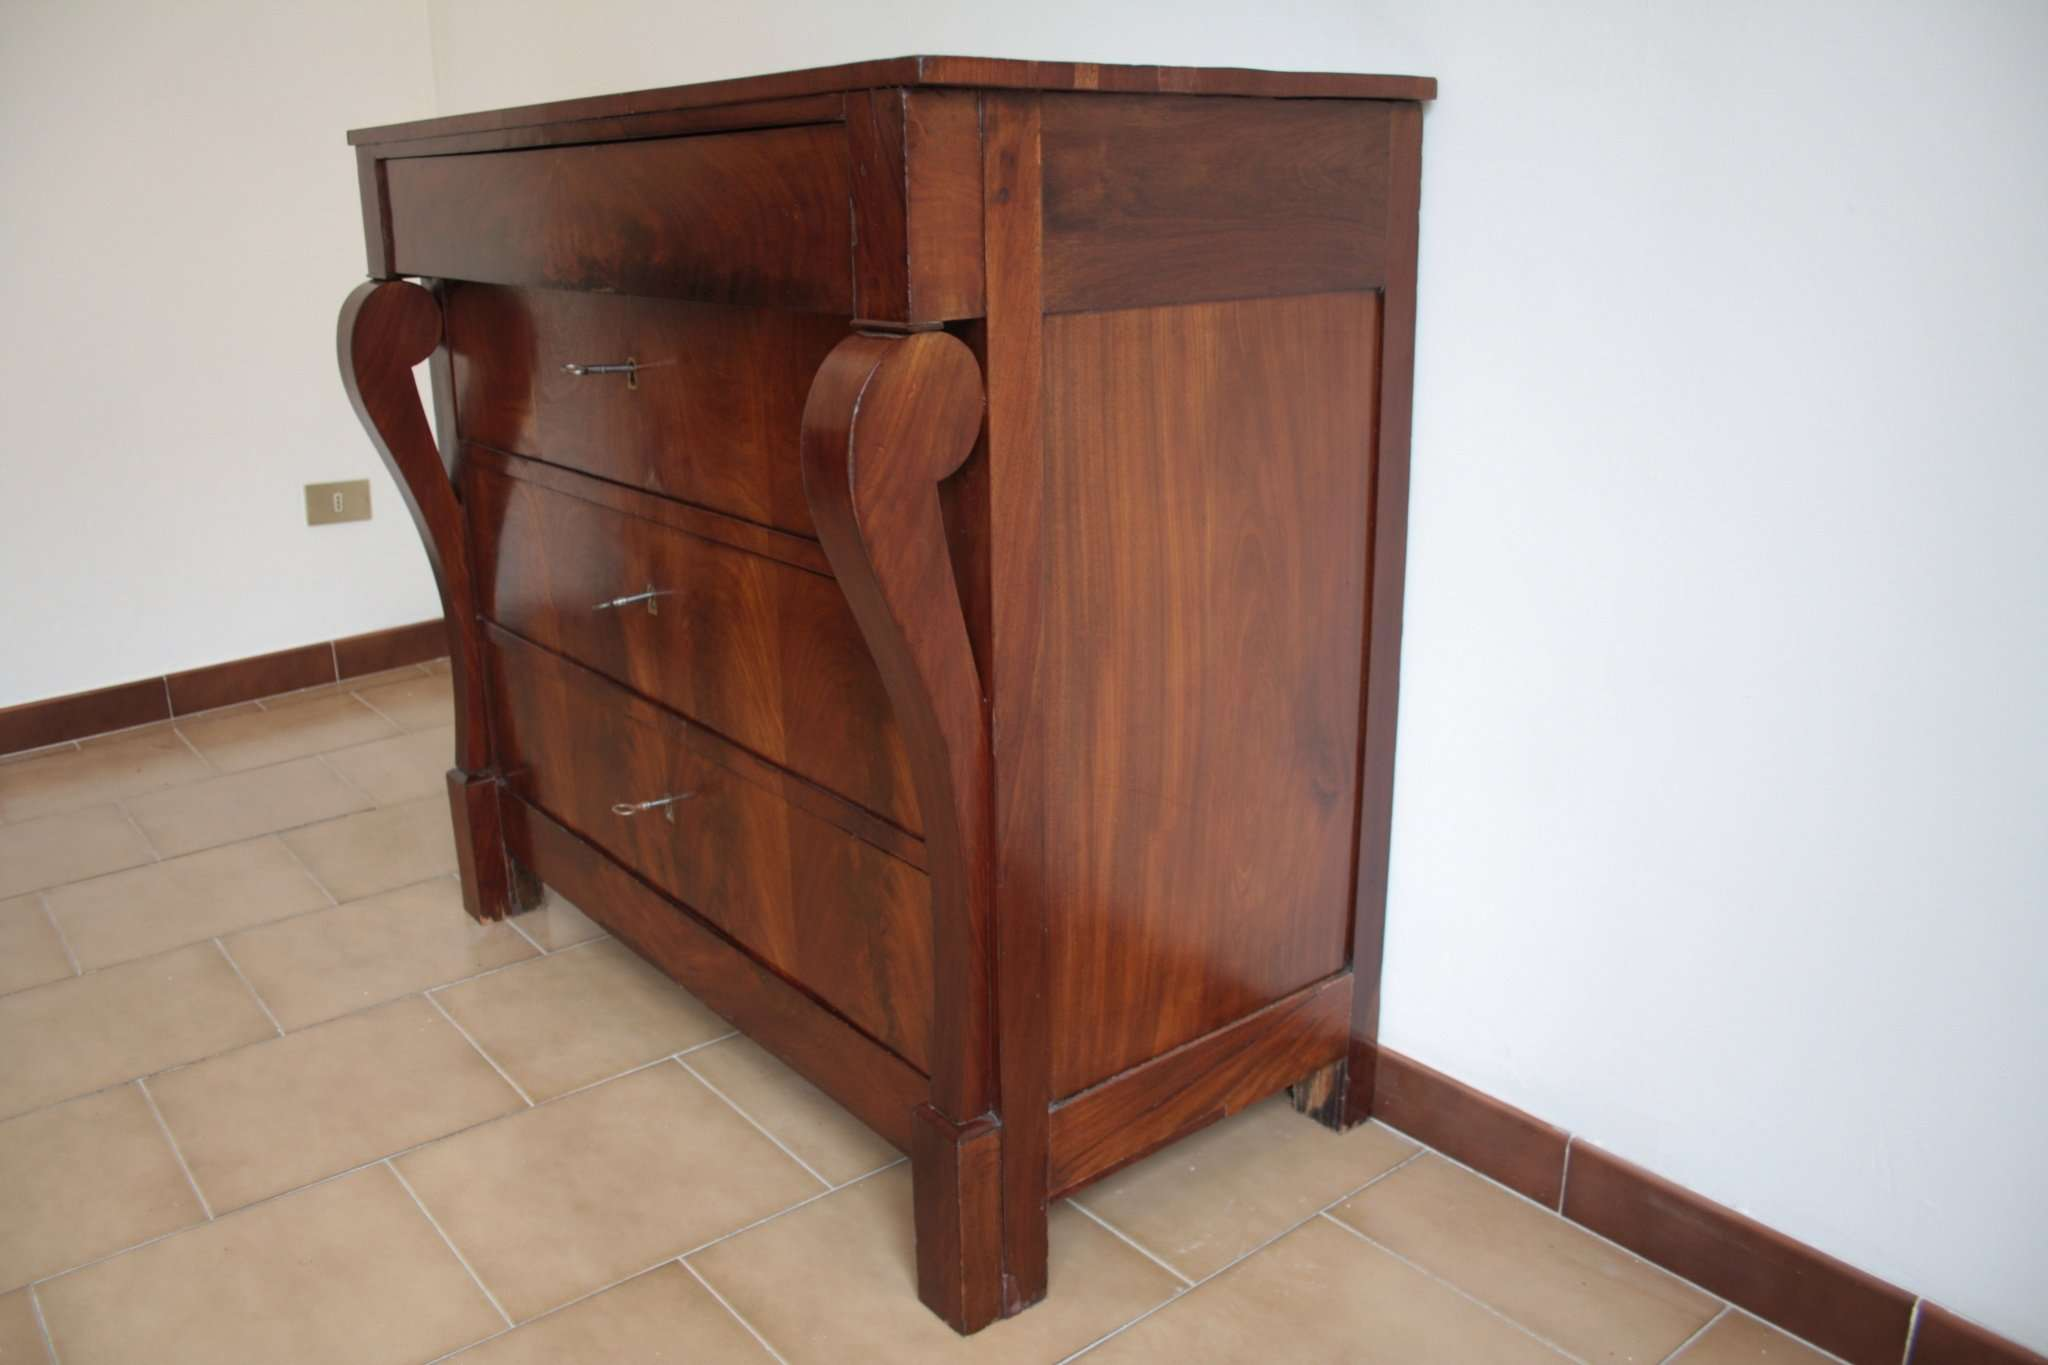 Dresser im Stil des Second Empire, Anfang des zwanzigsten Jahrhunderts, Norditalien